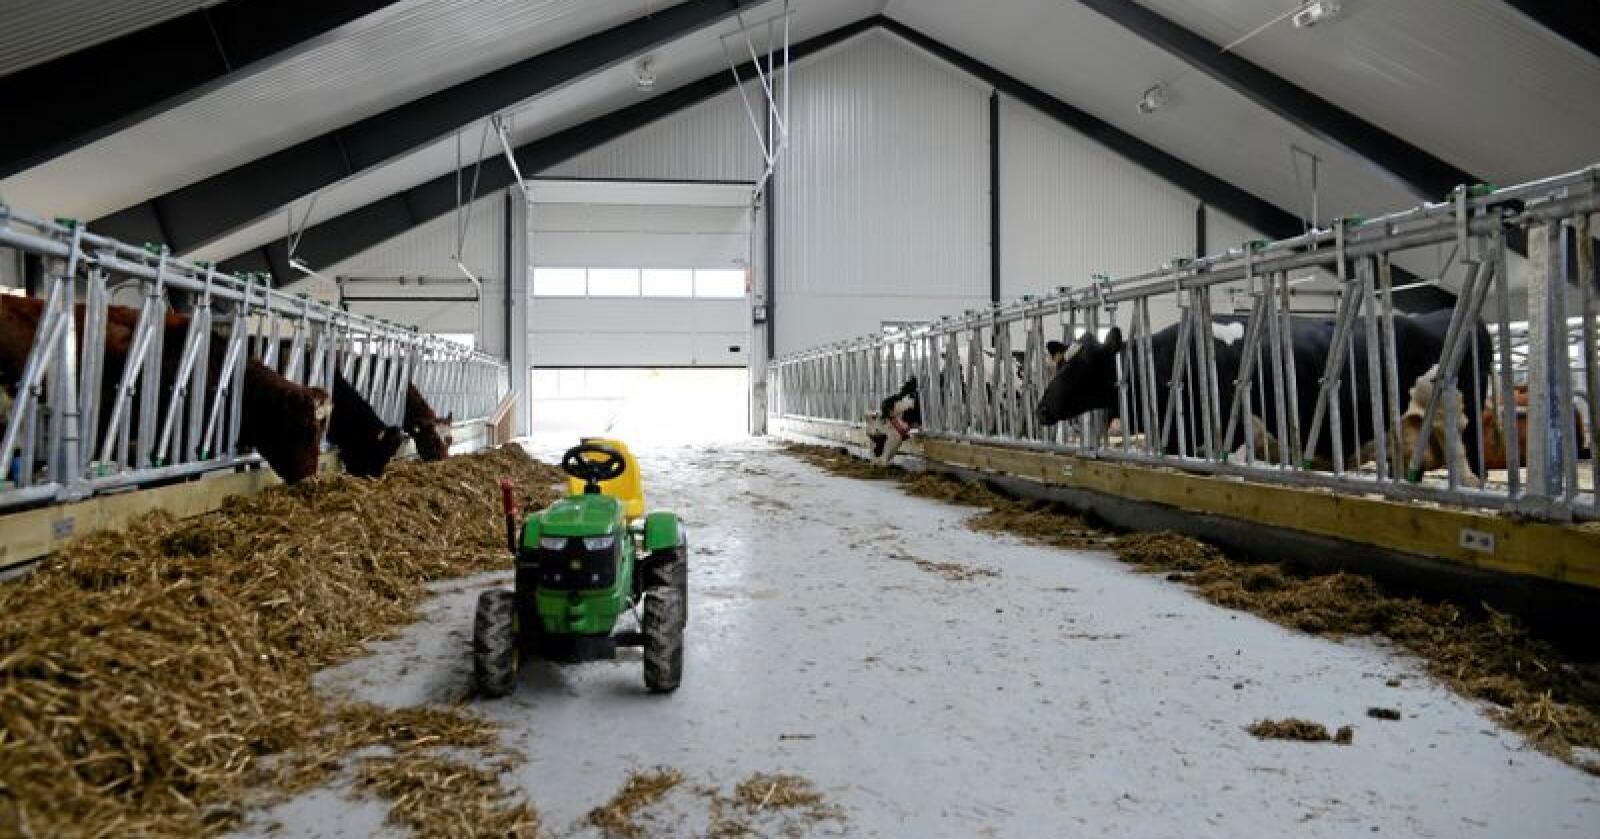 Velferd: Eg meiner det er svært viktig å satse på velferdsordningane framover for å sikre rekruttering inn i landbruksnæringa, skriv innsendaren. Foto: Mariann Tvete